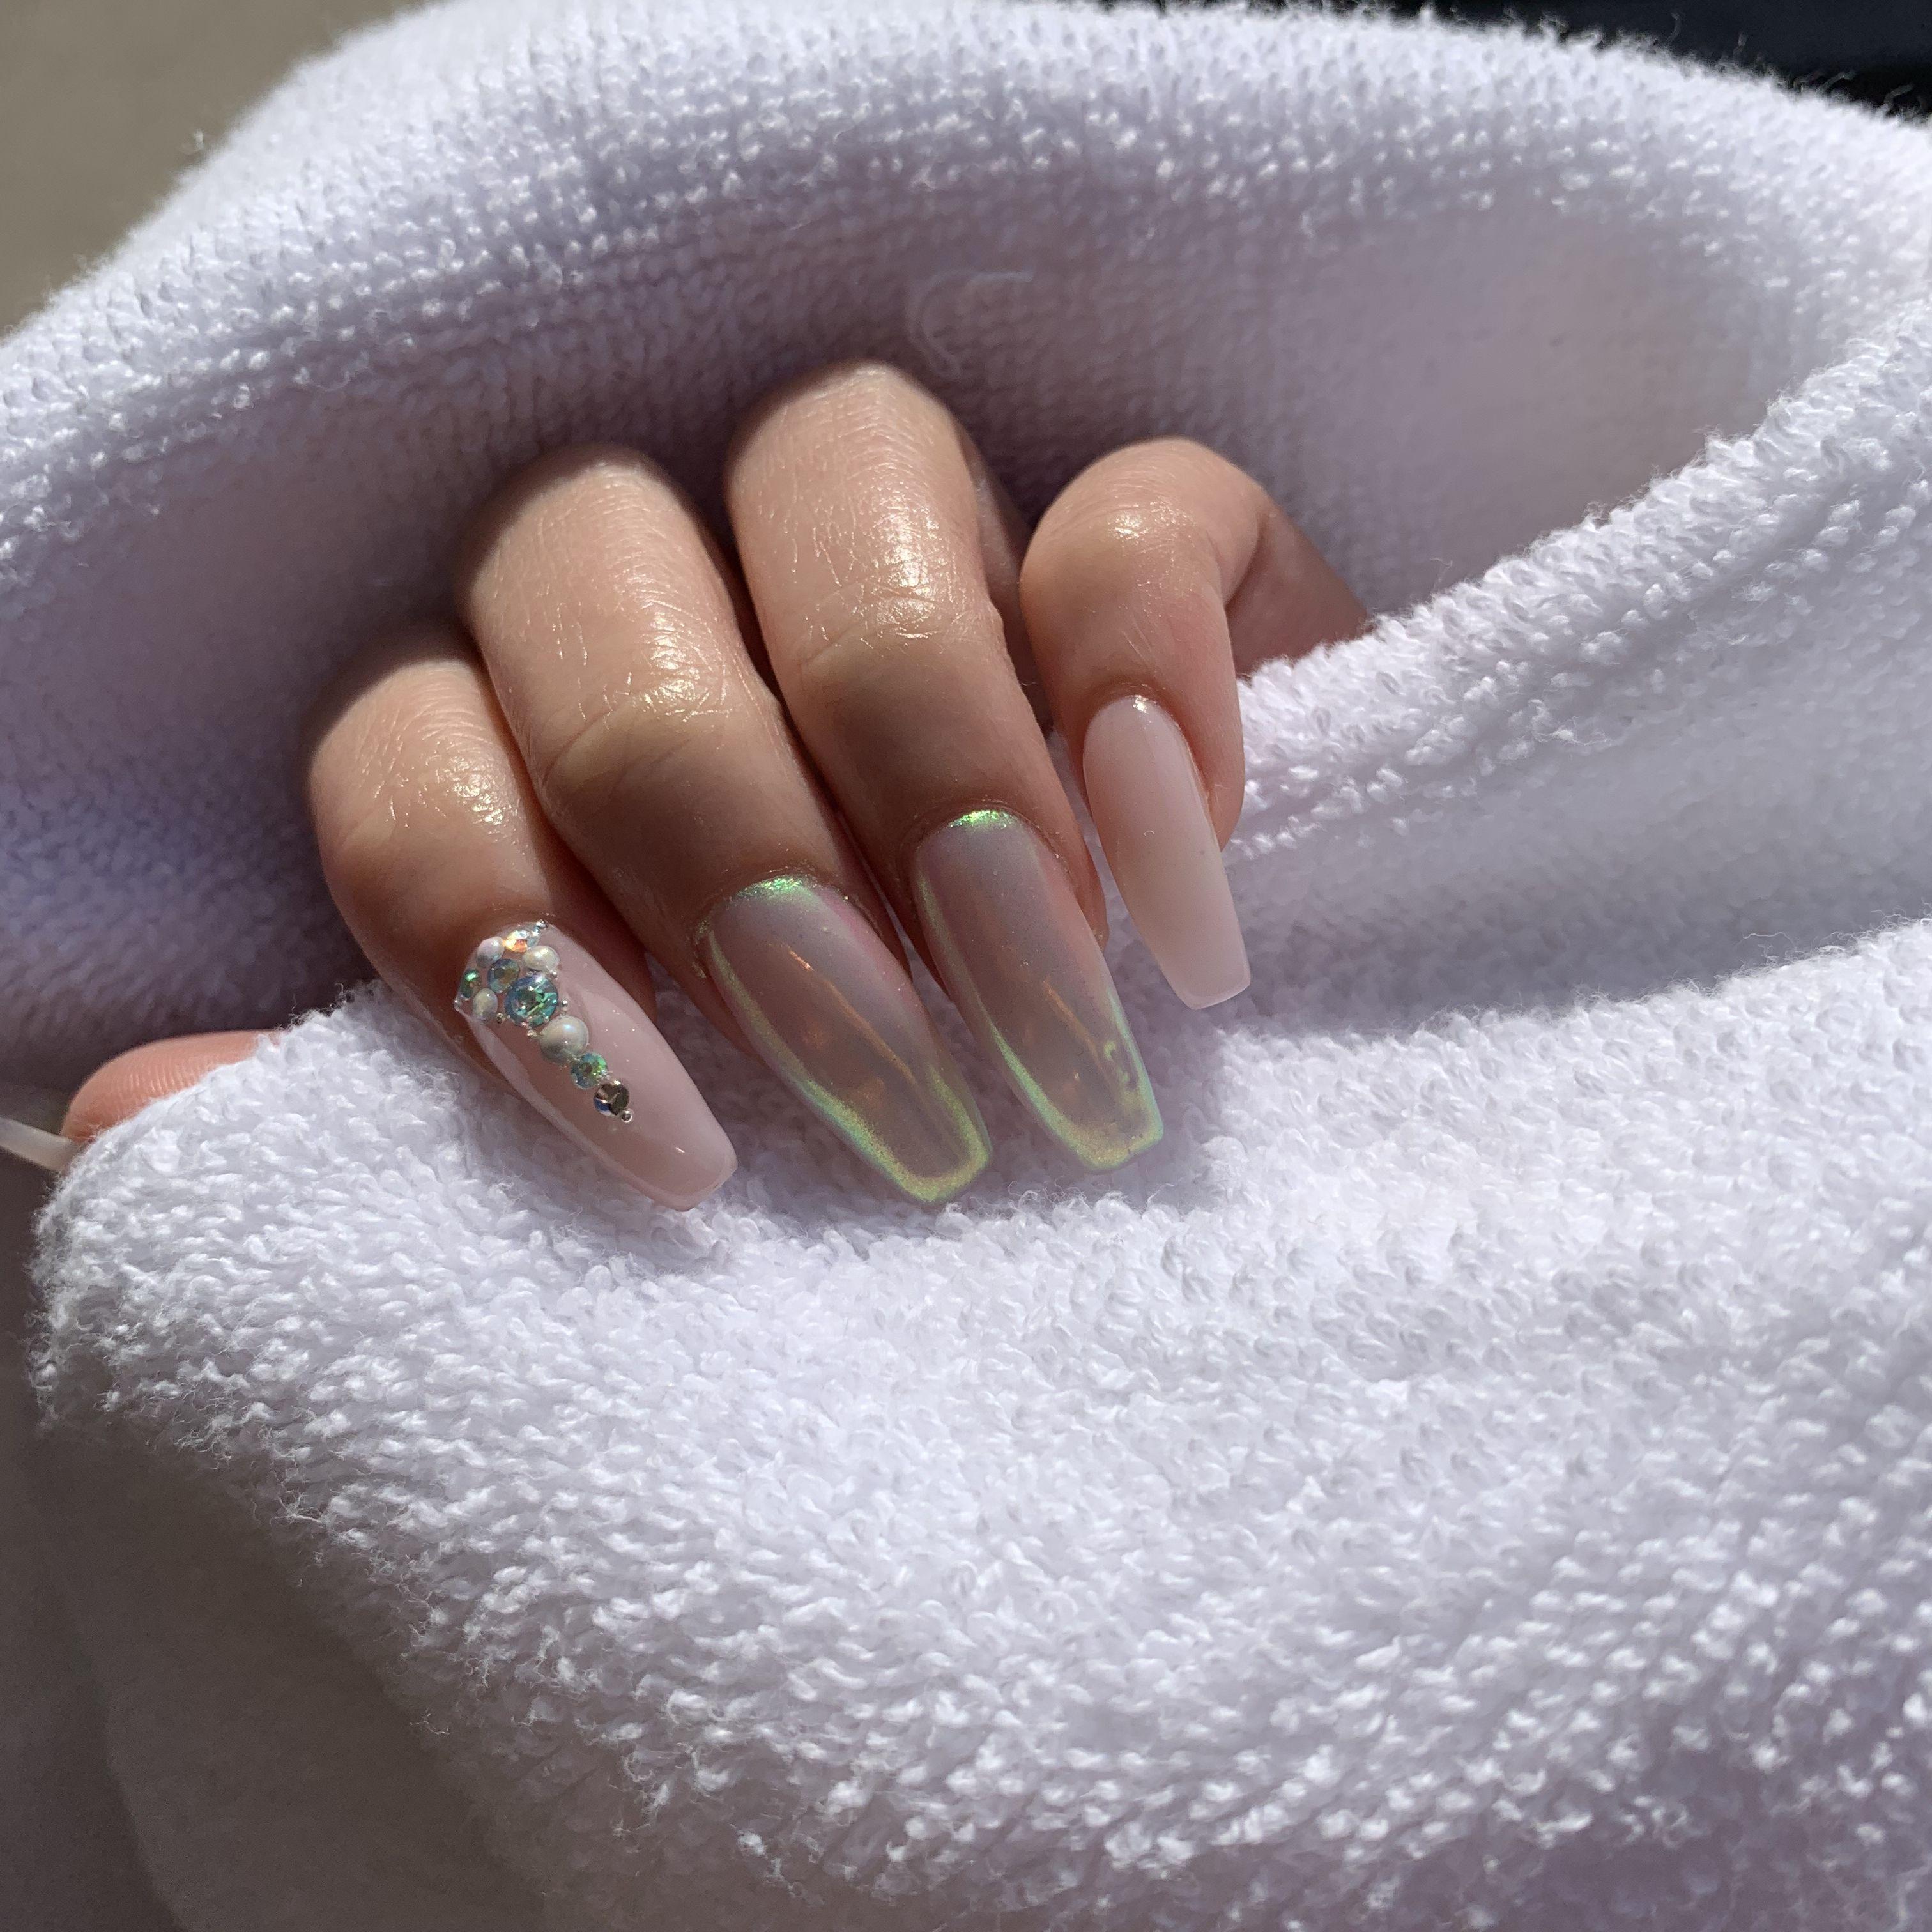 Natural Nails Nails Nails Design With Rhinestones Press On Nails